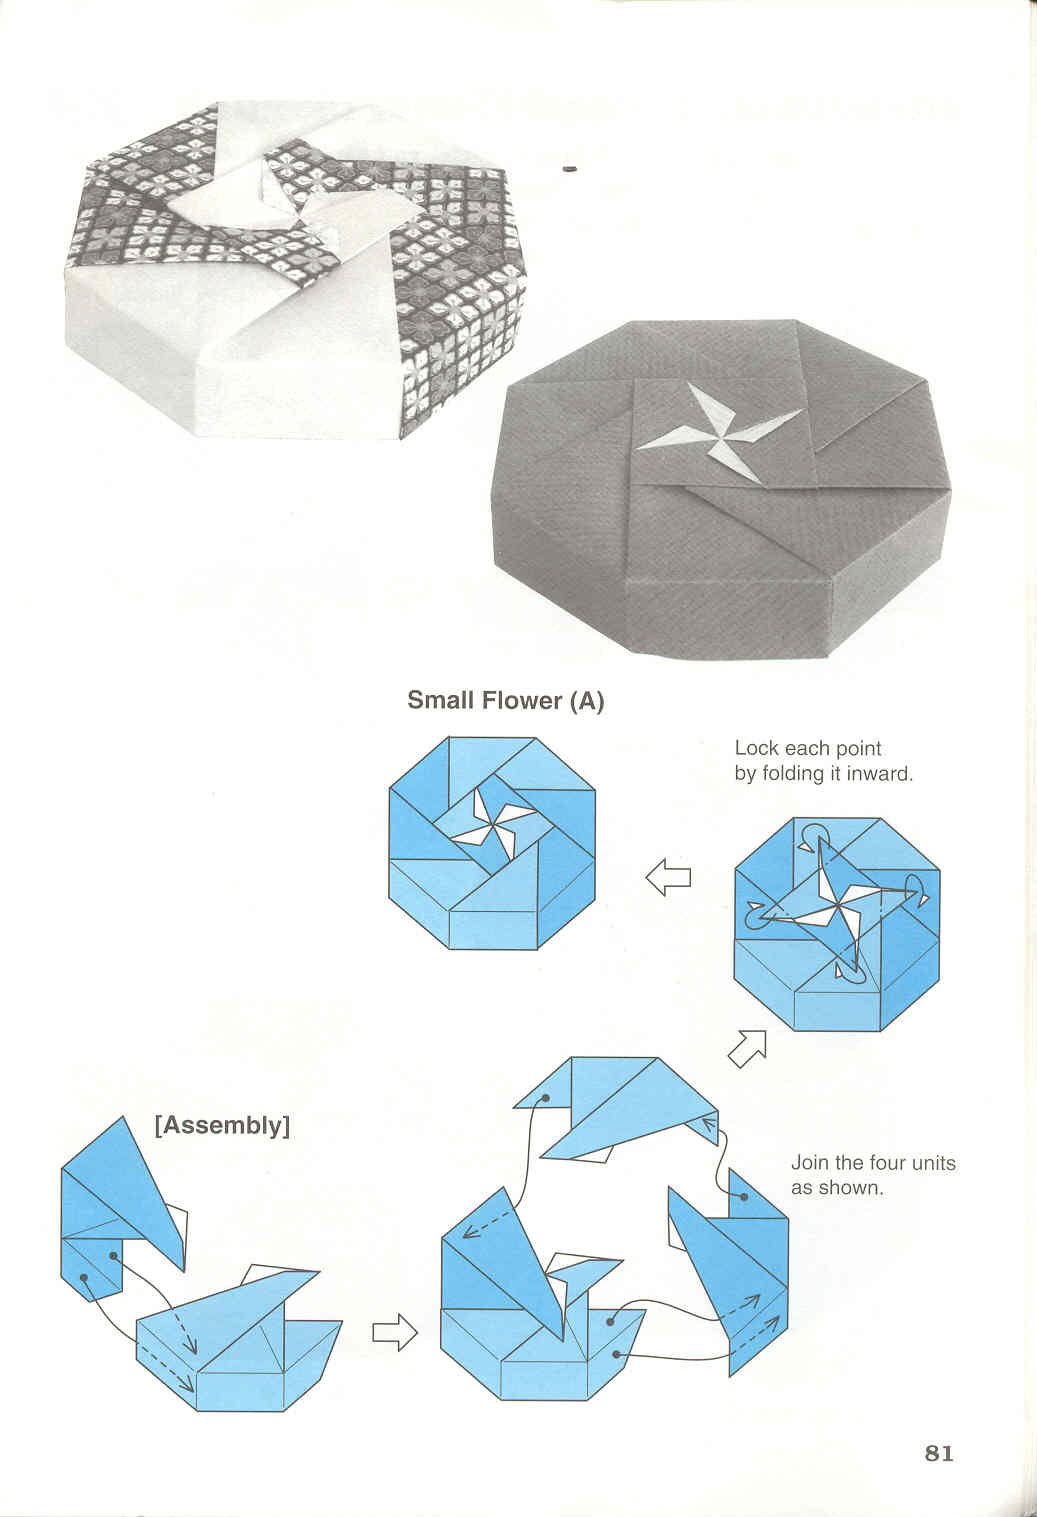 Origami origami modular adobracia dobrar papel papel dobrado diagrama da caixa modular octogon box small flower a jeuxipadfo Gallery